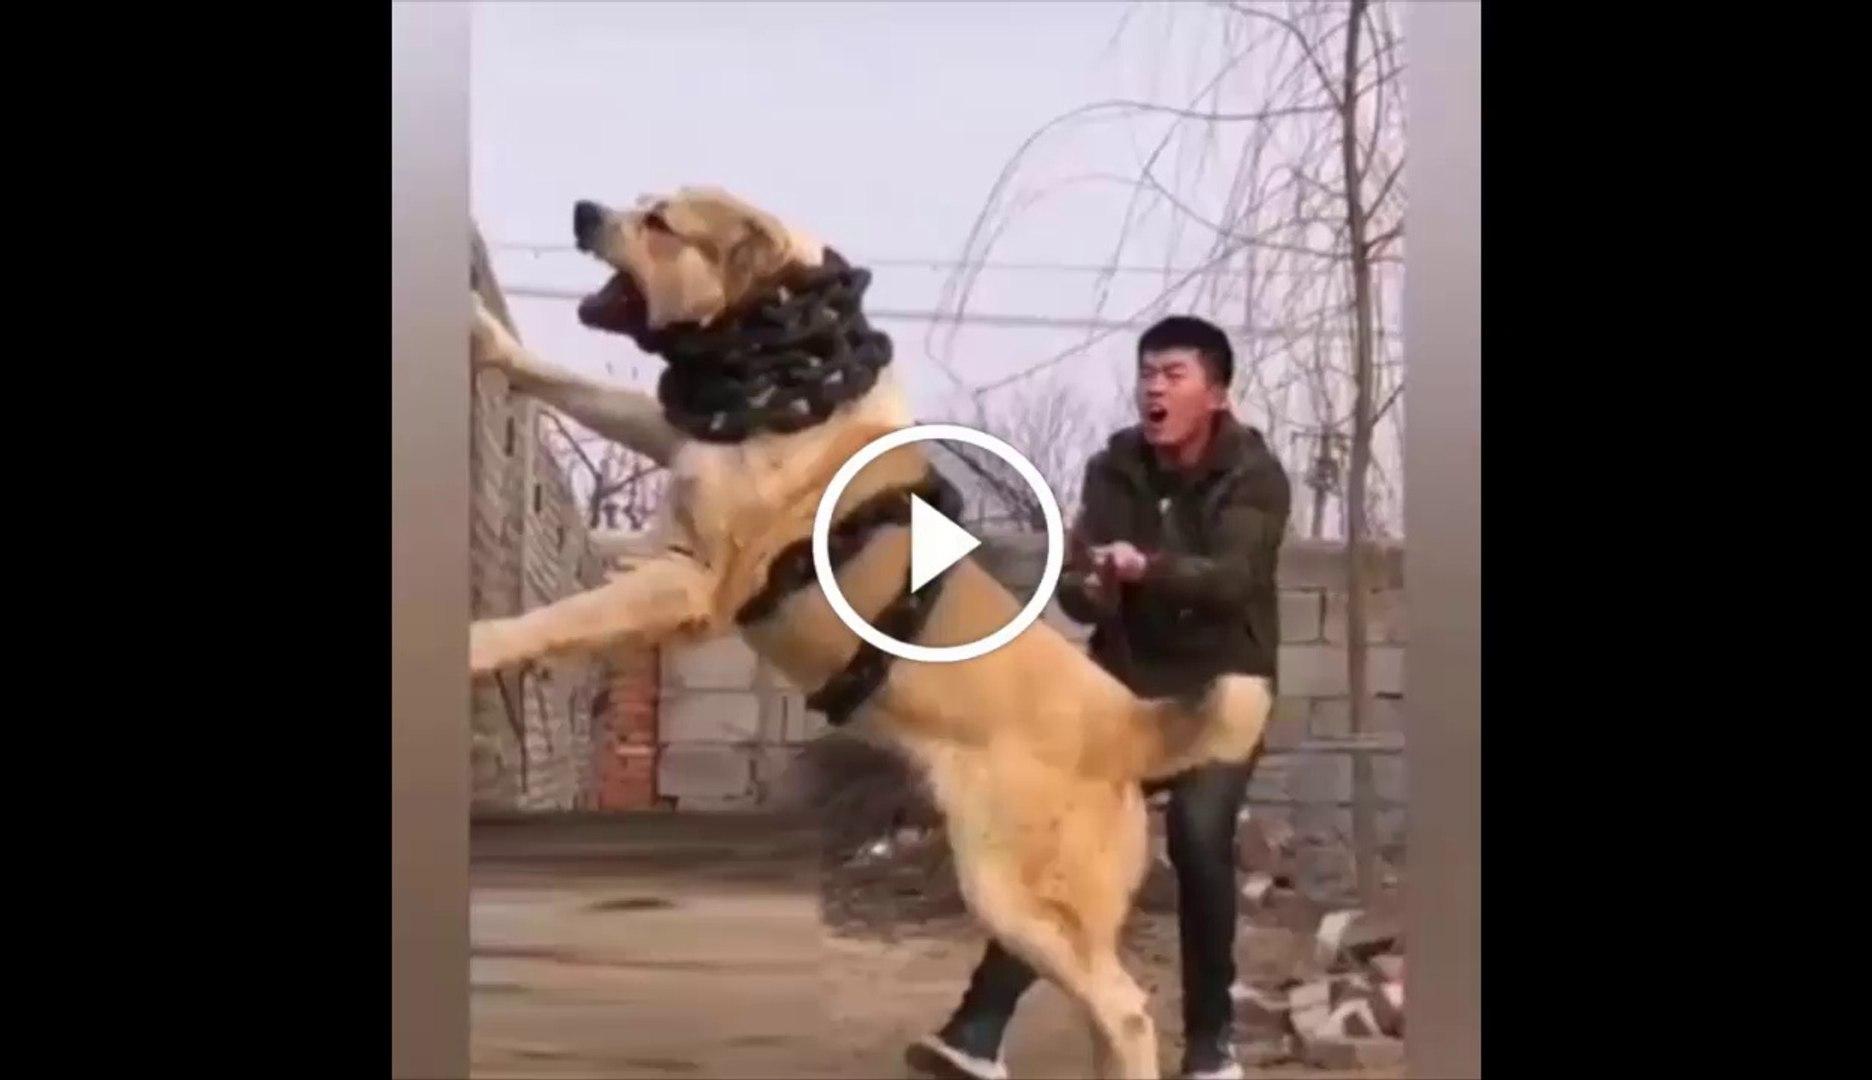 ZiNCiR KIRAN ALABAY KOPEGi - ALABAi SHEPHERD DOG VERY ANGRY